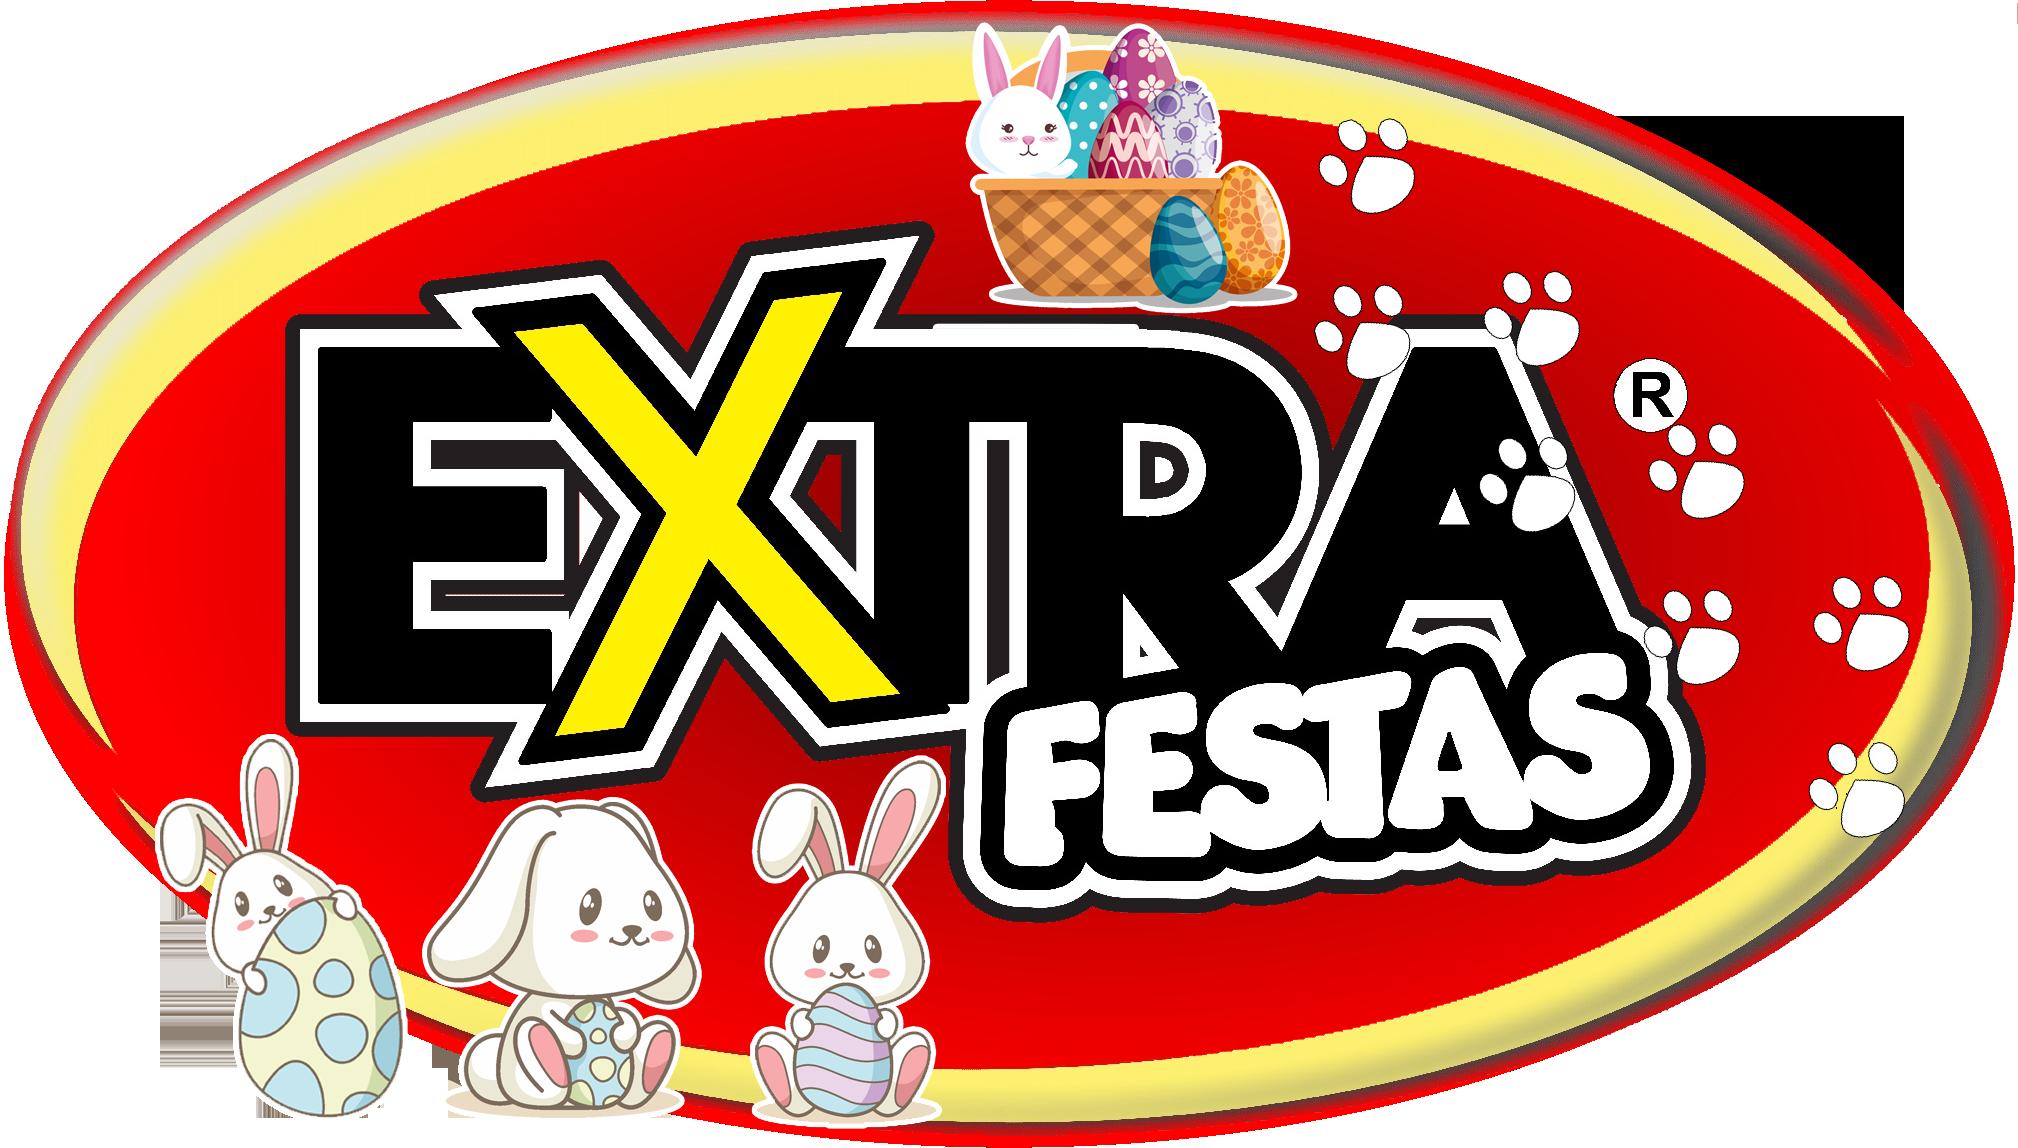 EXTRA FESTAS